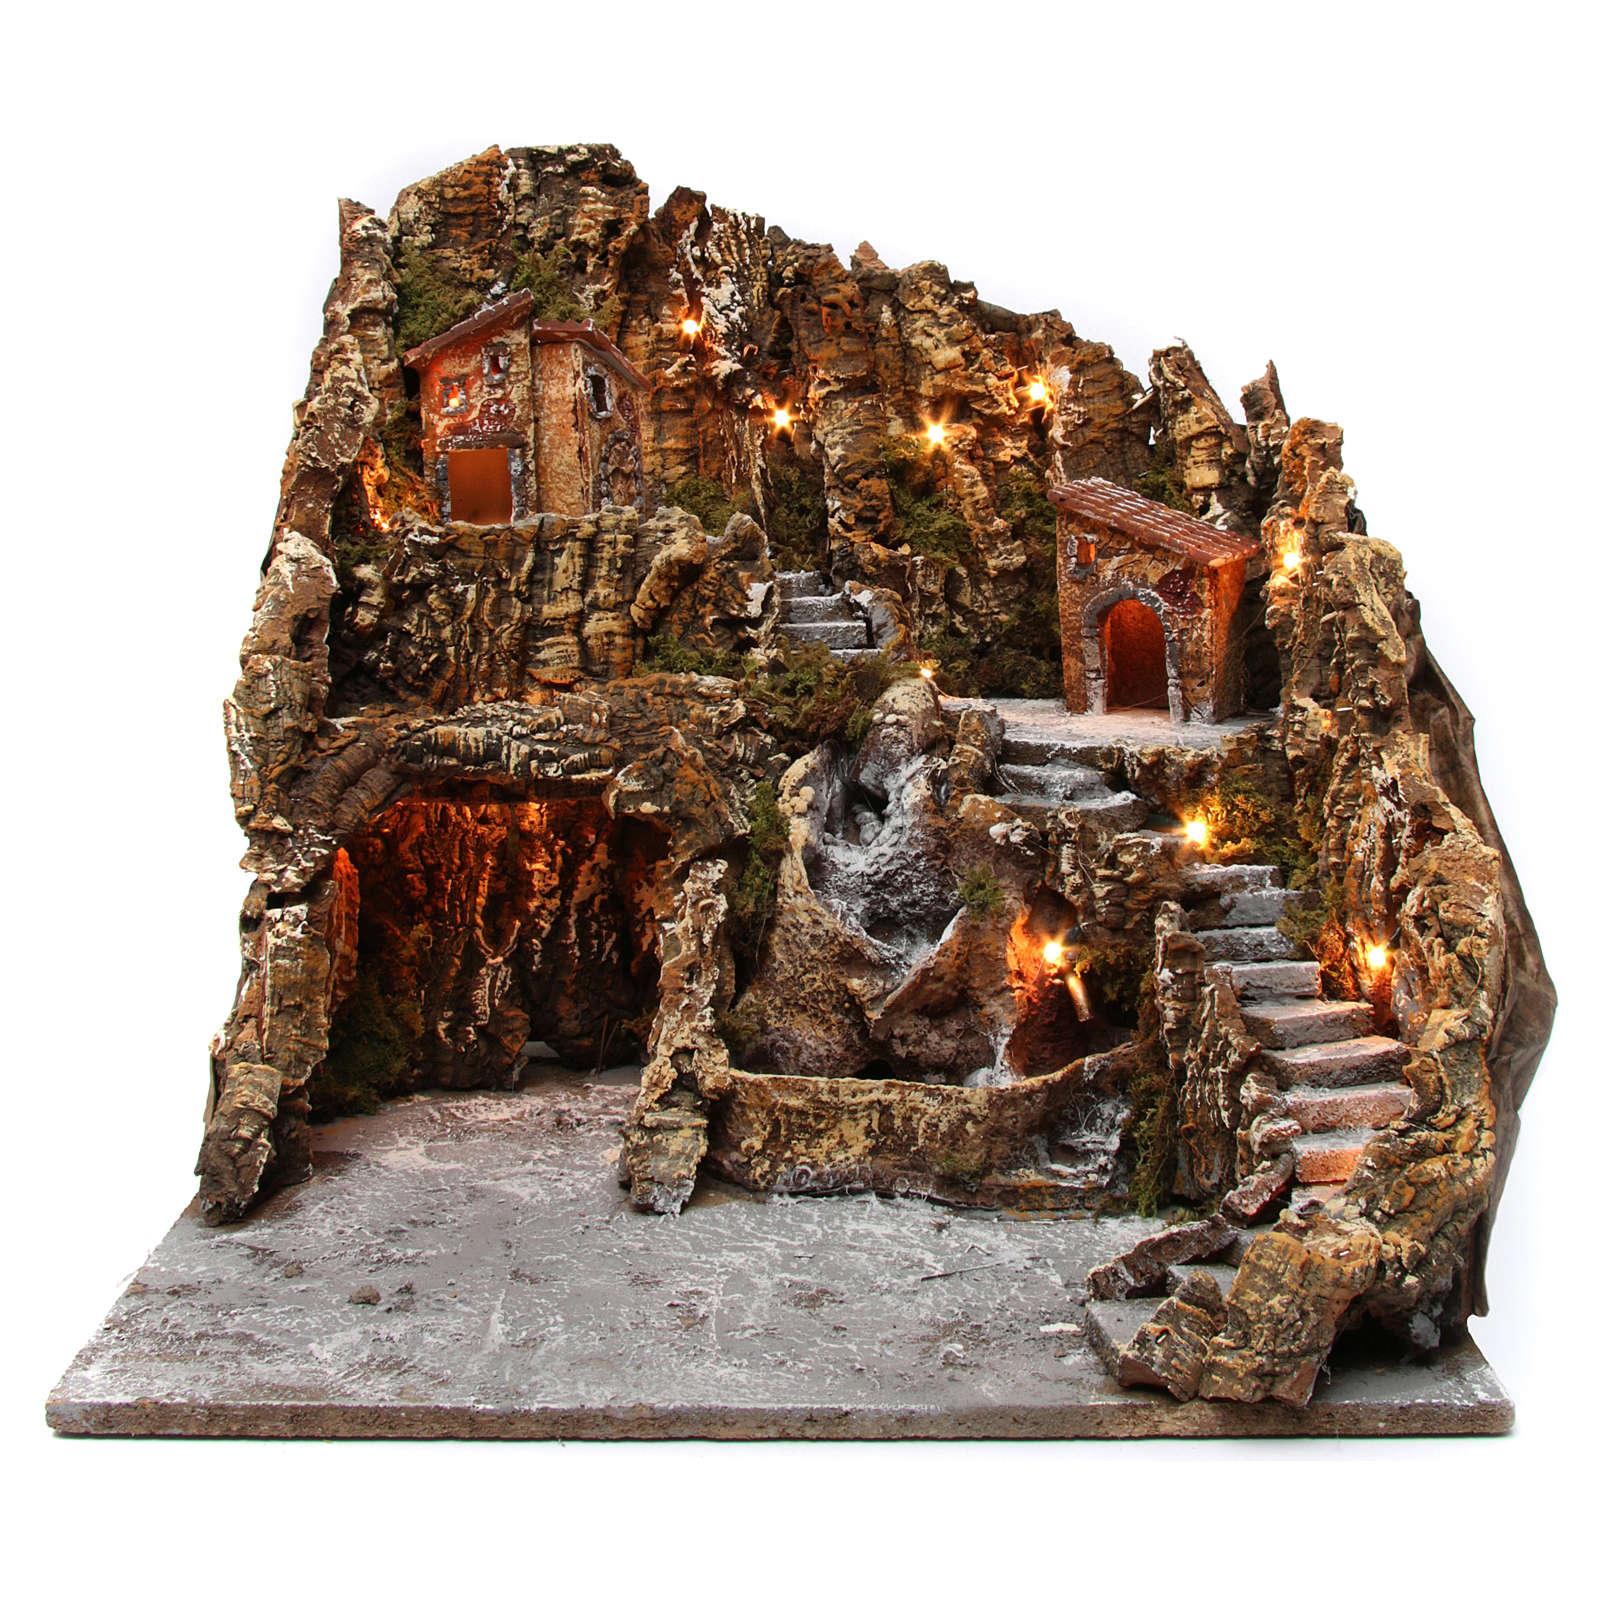 Aldea belén iluminado con cueva Natividad río casitas 45x50x60 cm belén napolitano 4